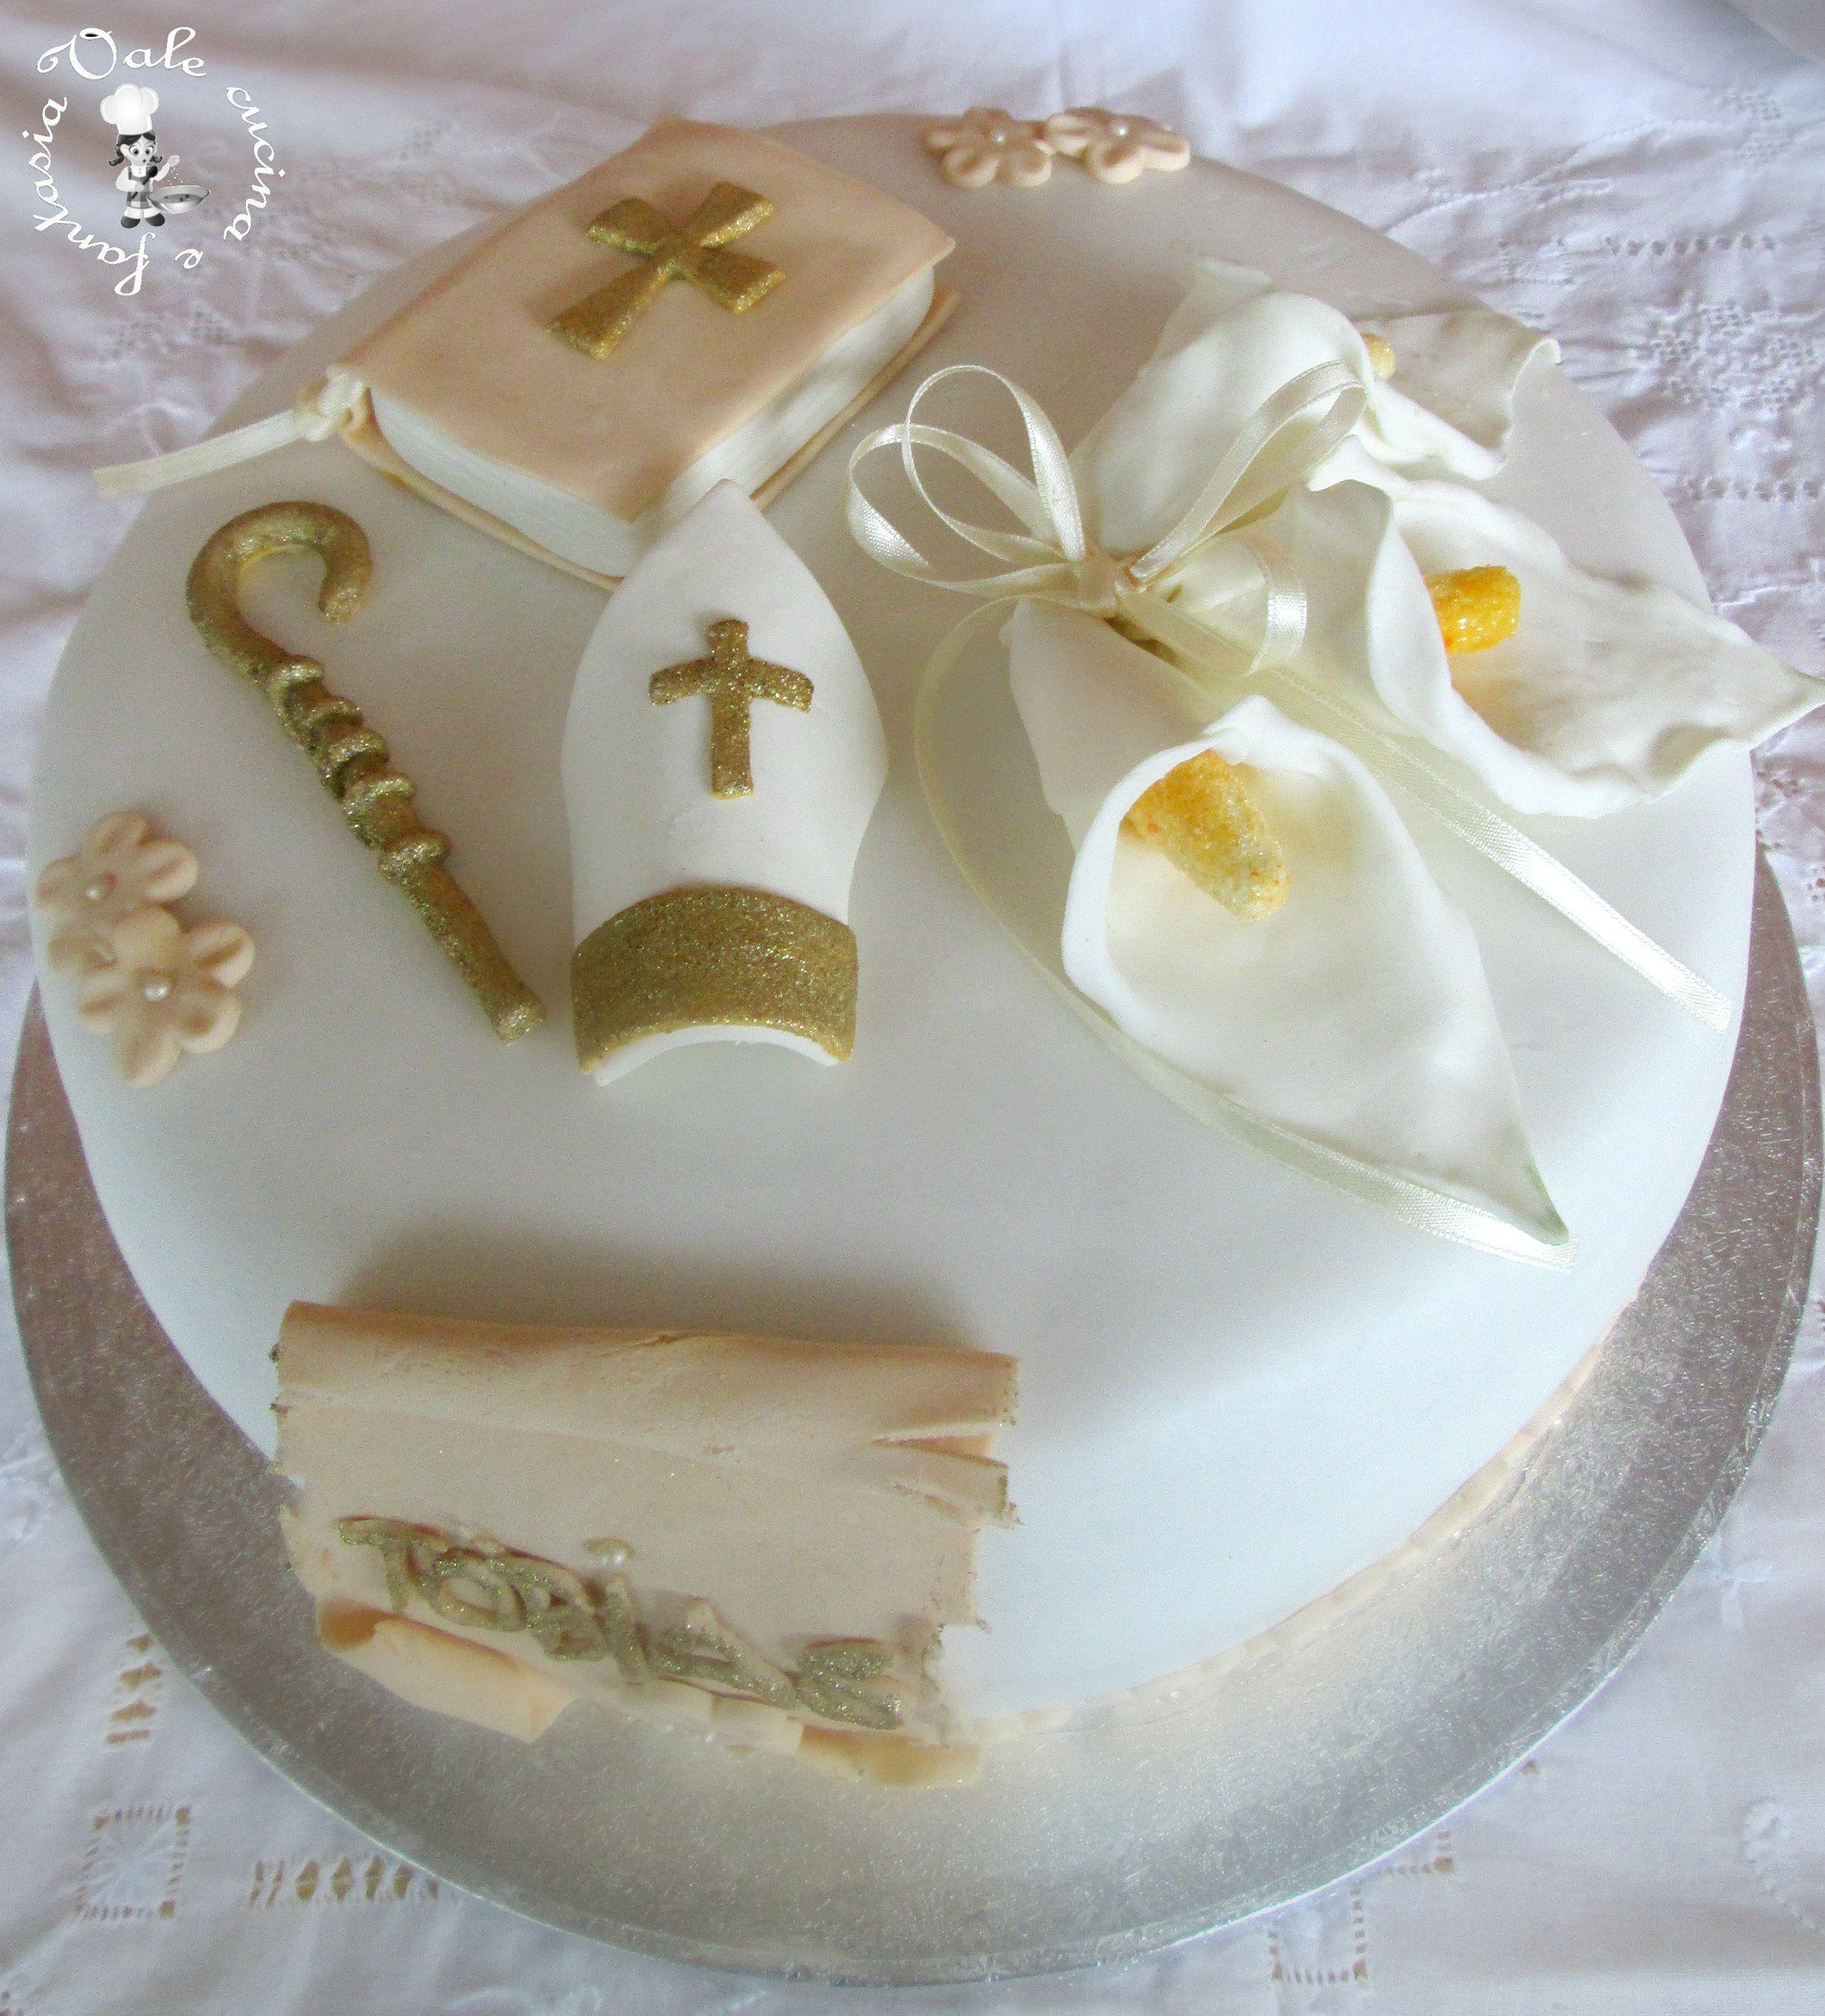 Favorito Torta decorata in pasta di zucchero per cresima | Cake designs  ZM67